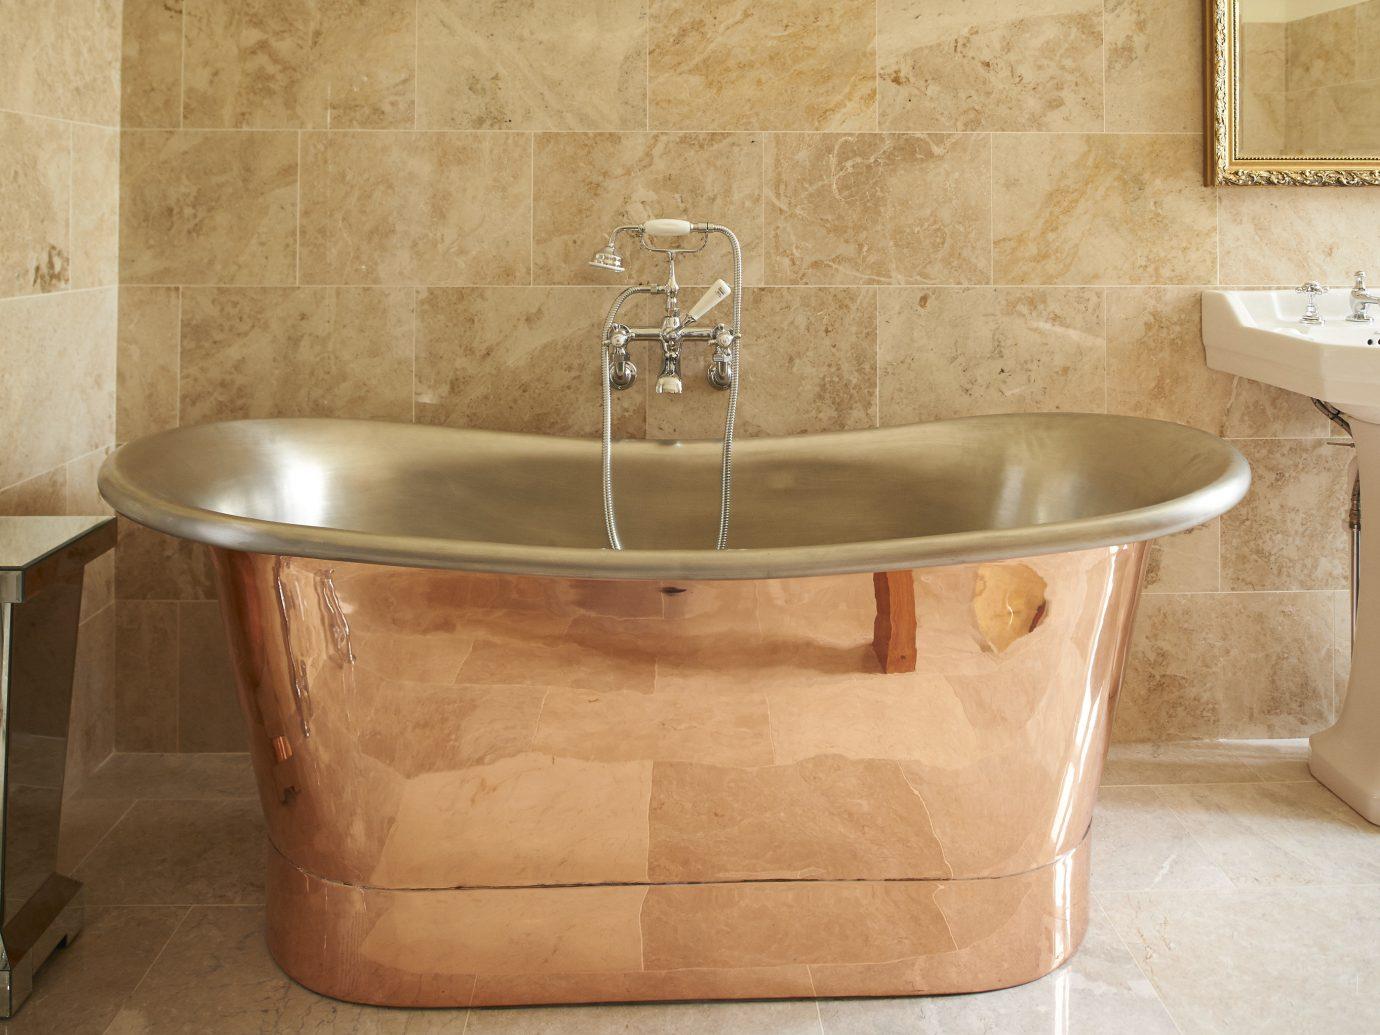 Trip Ideas wall indoor floor man made object room bathtub bathroom sink plumbing fixture bidet stone tub Bath water basin tan